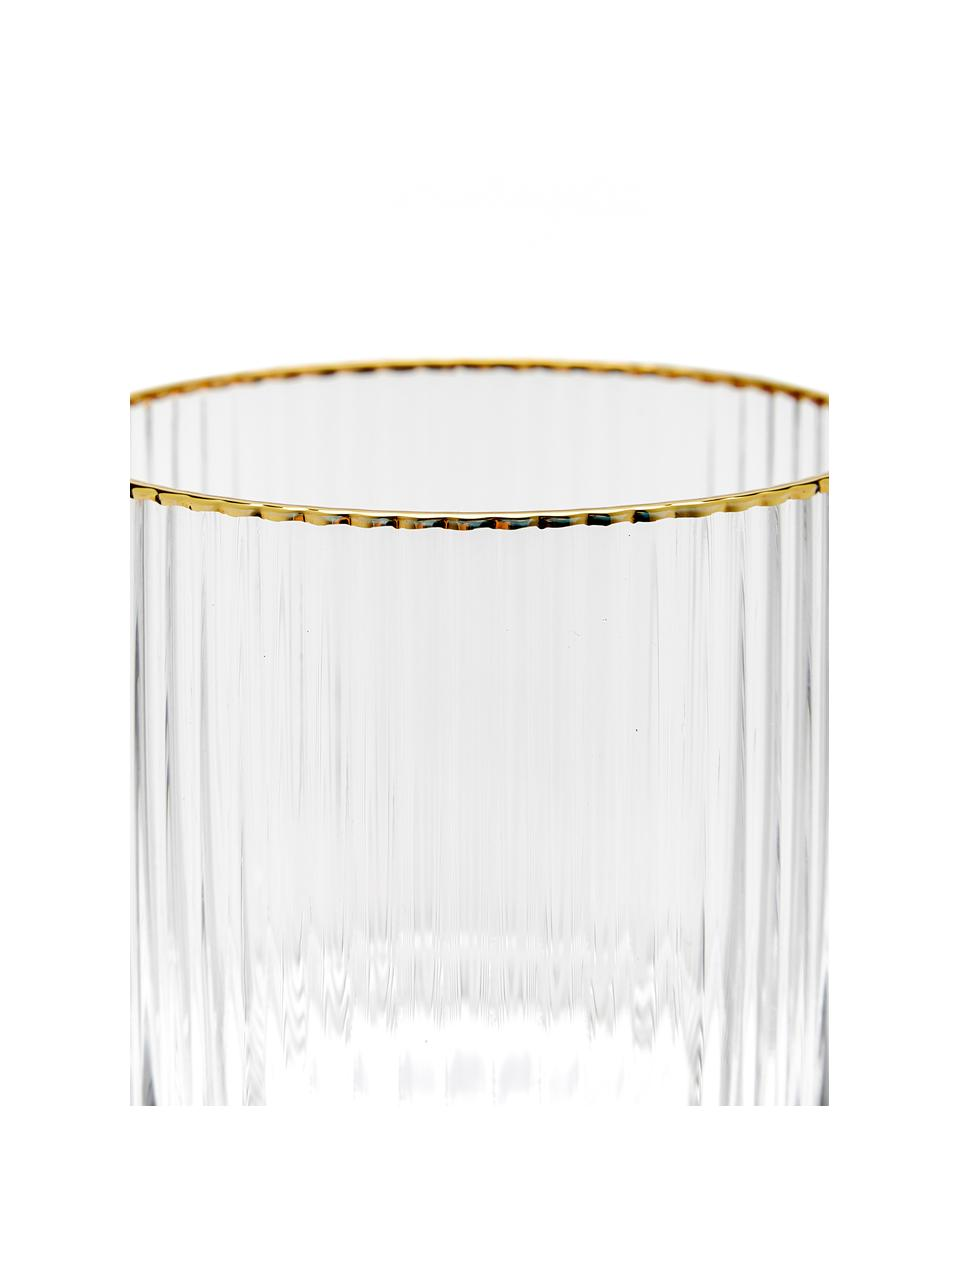 Wassergläser Minna mit Rillenrelief und Goldrand, 4 Stück, Glas, Transparent, Goldfarben, Ø 8 x H 10 cm